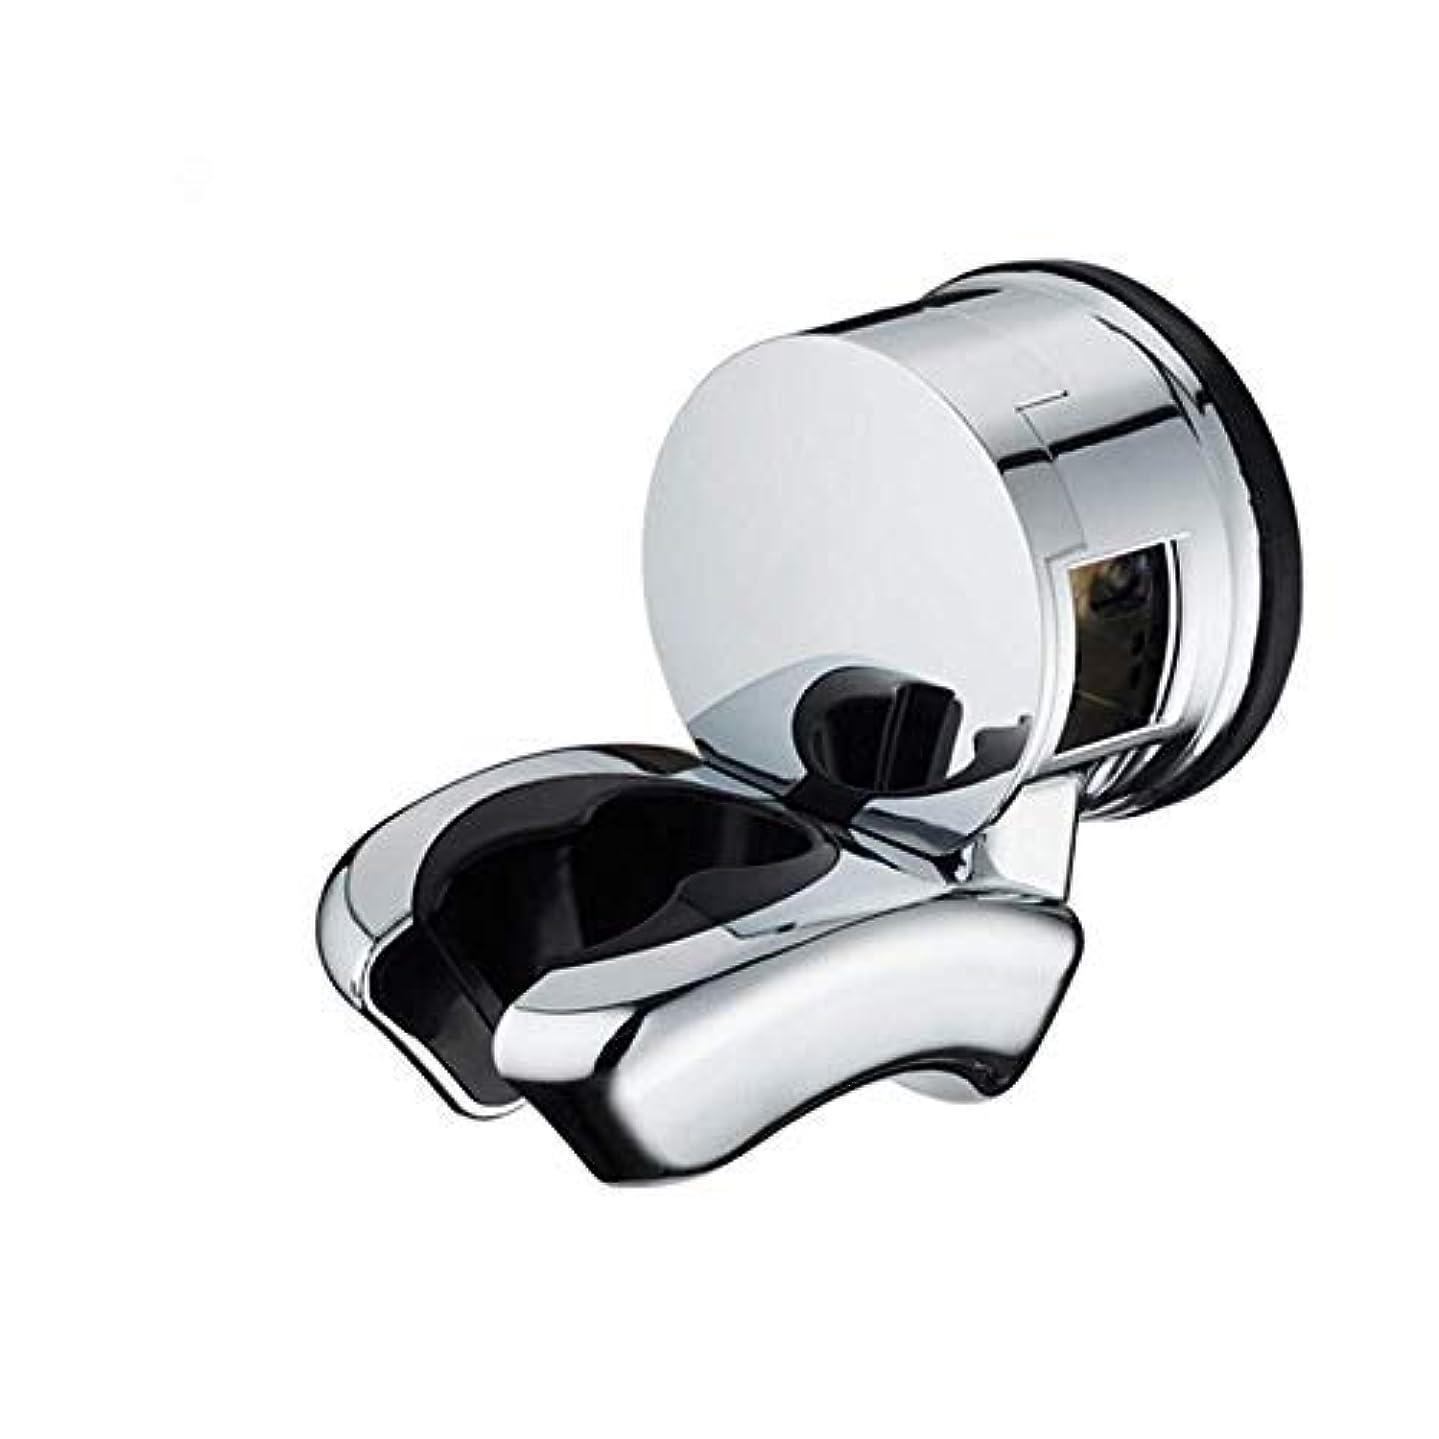 旅行者故意にマオリSimg 吸盤式シャワーフック 壁を傷つけない 真空吸盤仕様 移動できる シルバーメッキ 穴あけ&ネジ止め不要 取り付け簡単 (A)